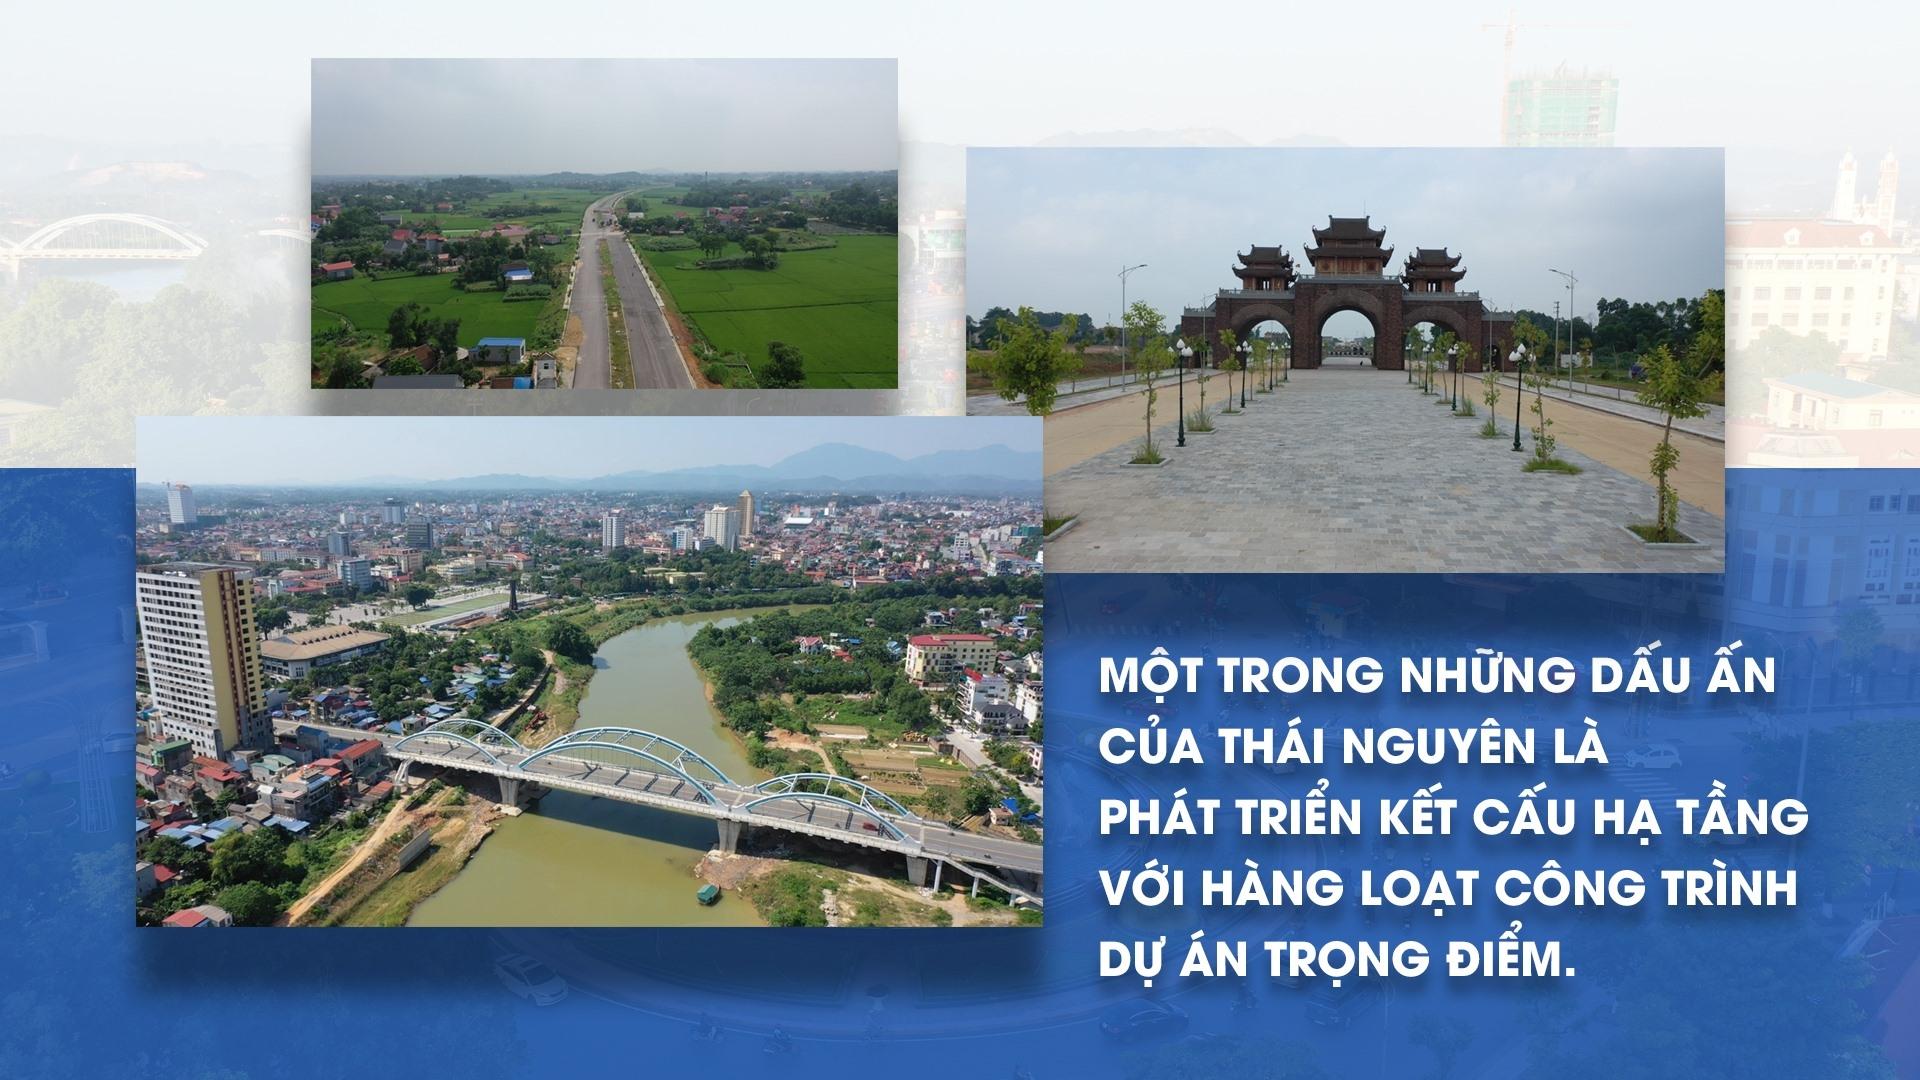 Thái Nguyên đột phá trong hội nhập, đi đầu trong đổi mới